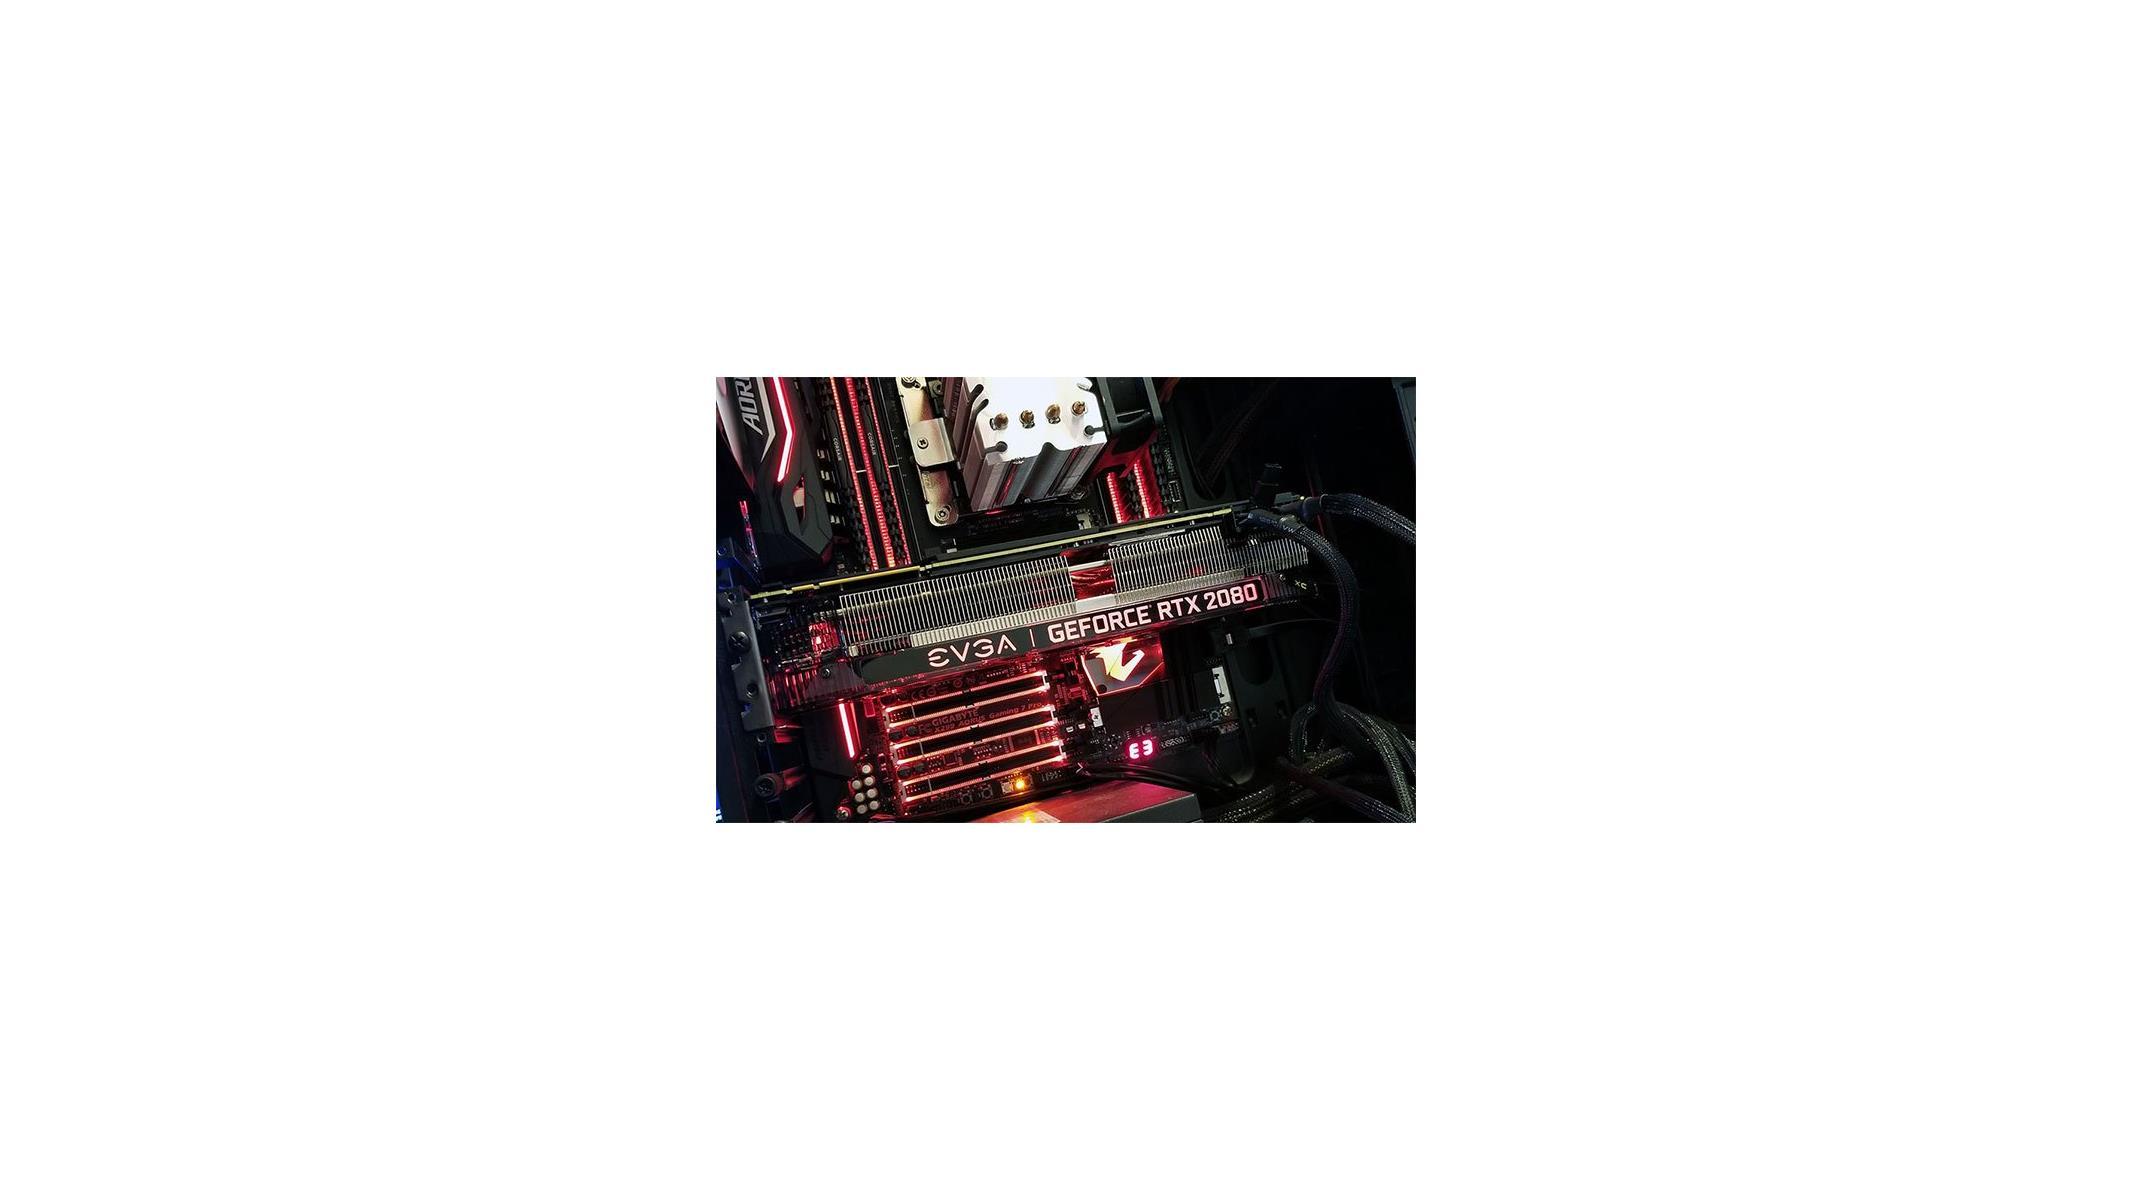 NVIDIA GeForce RTX Turing Refresh Rumored To Counter AMD Radeon Navi